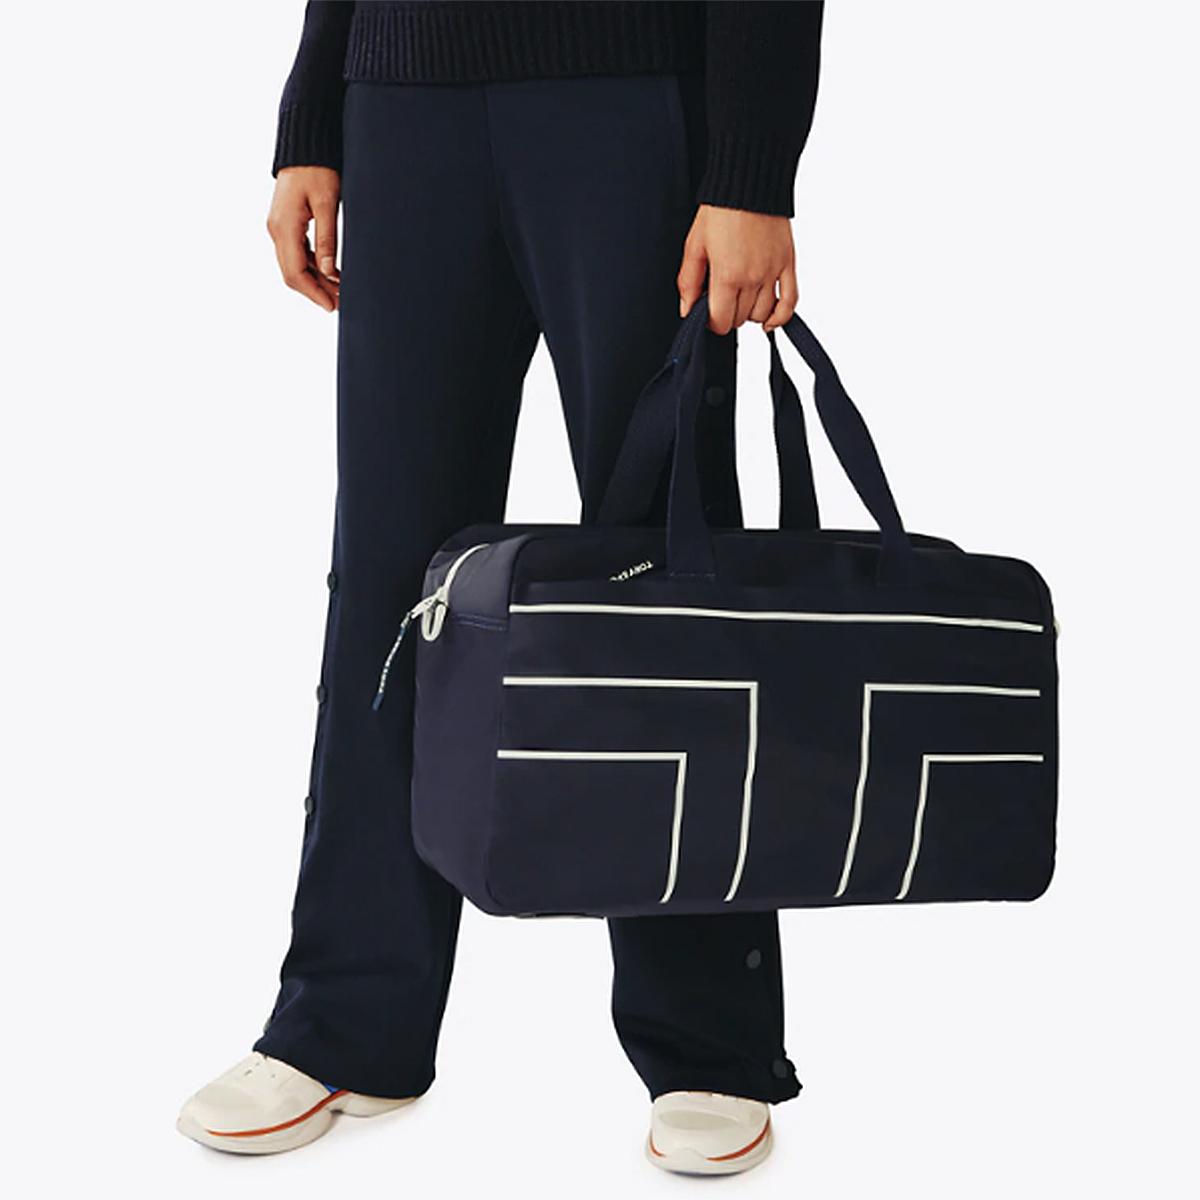 tory-burch-weekender-bag